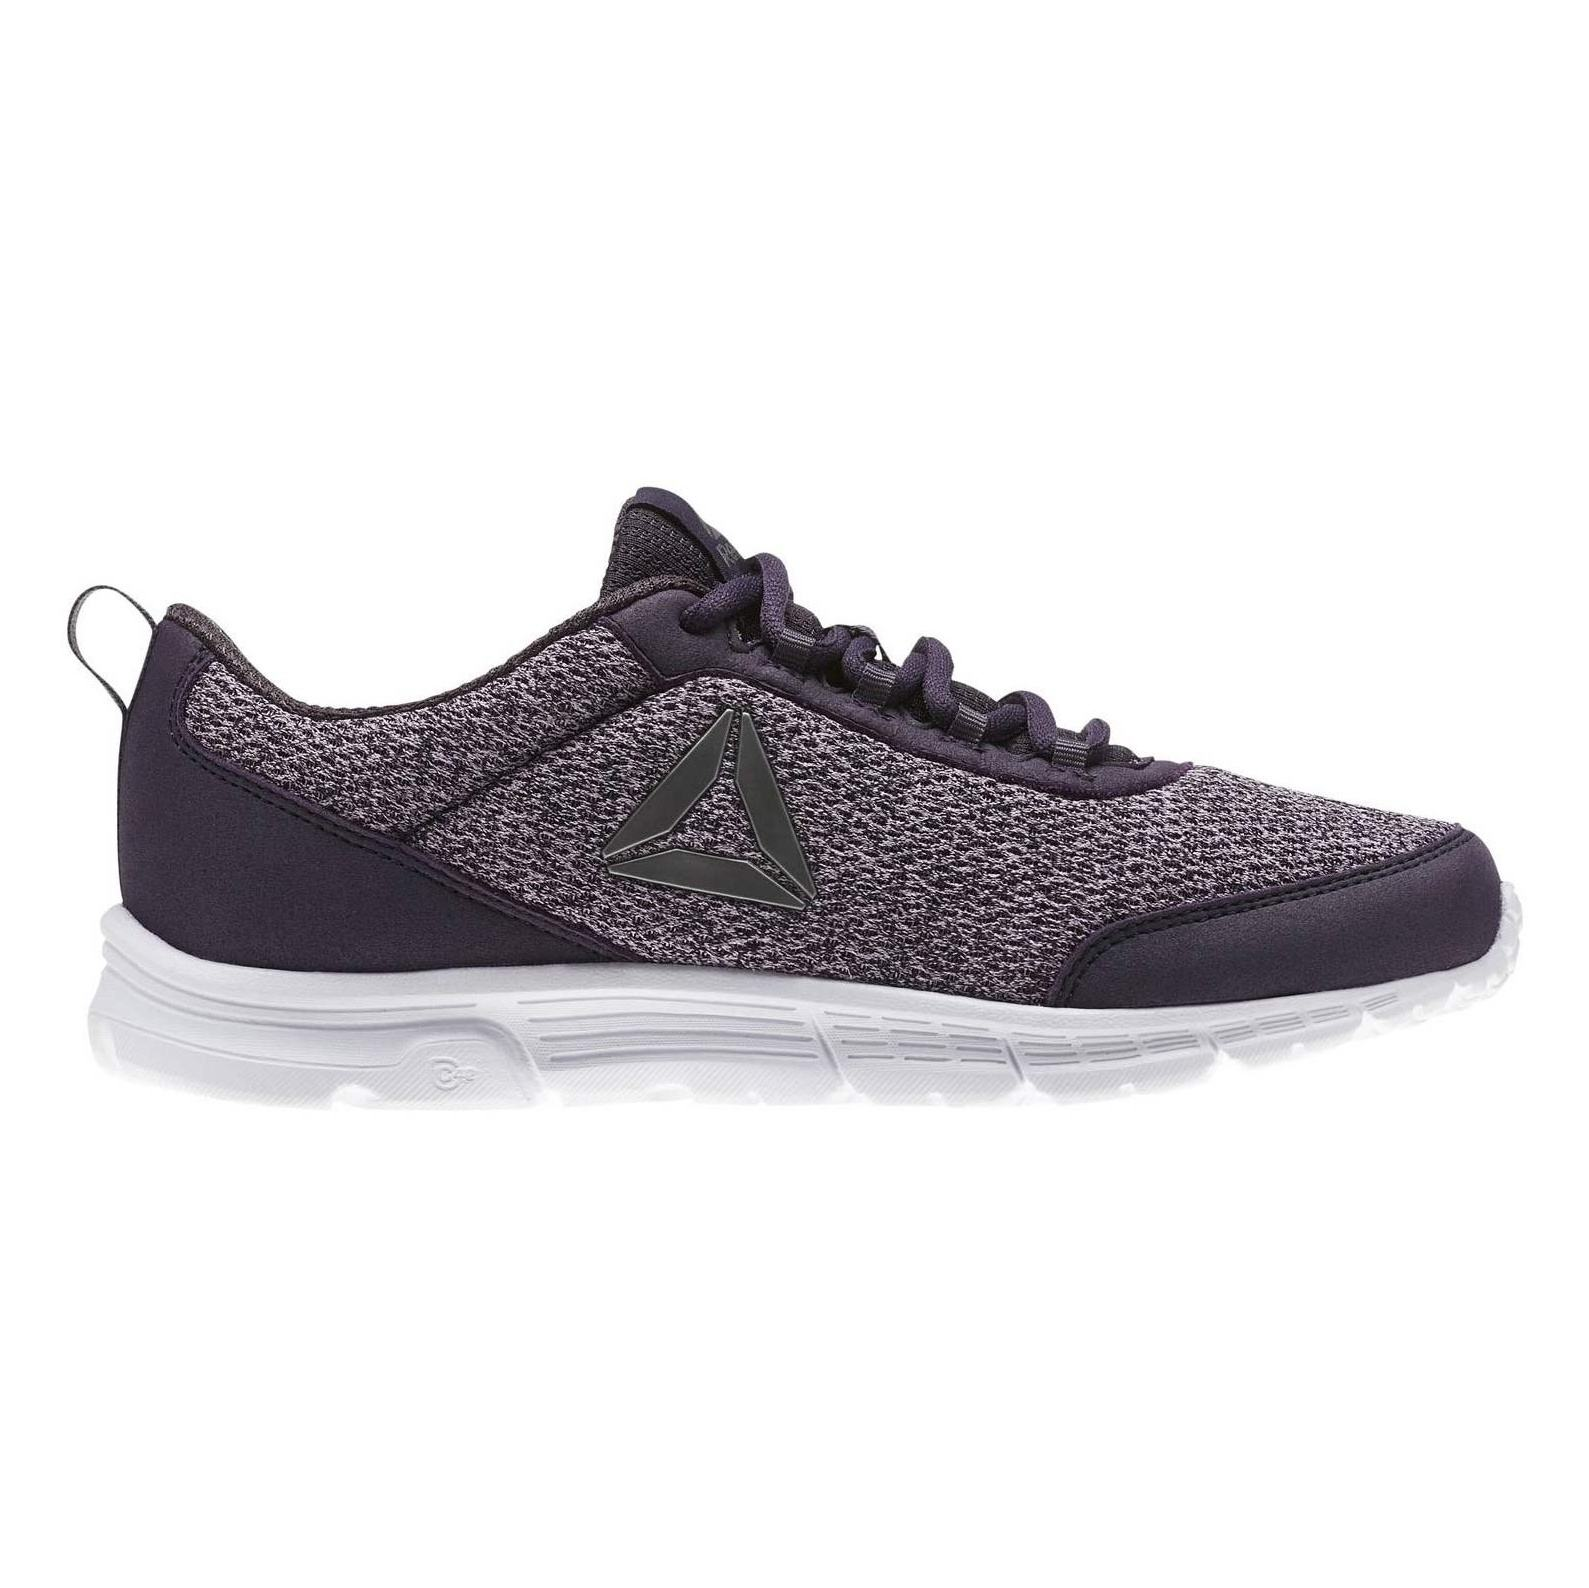 کفش مخصوص دویدن زنانه ریباک مدل Speedlux 3-0 - طوسي - 1